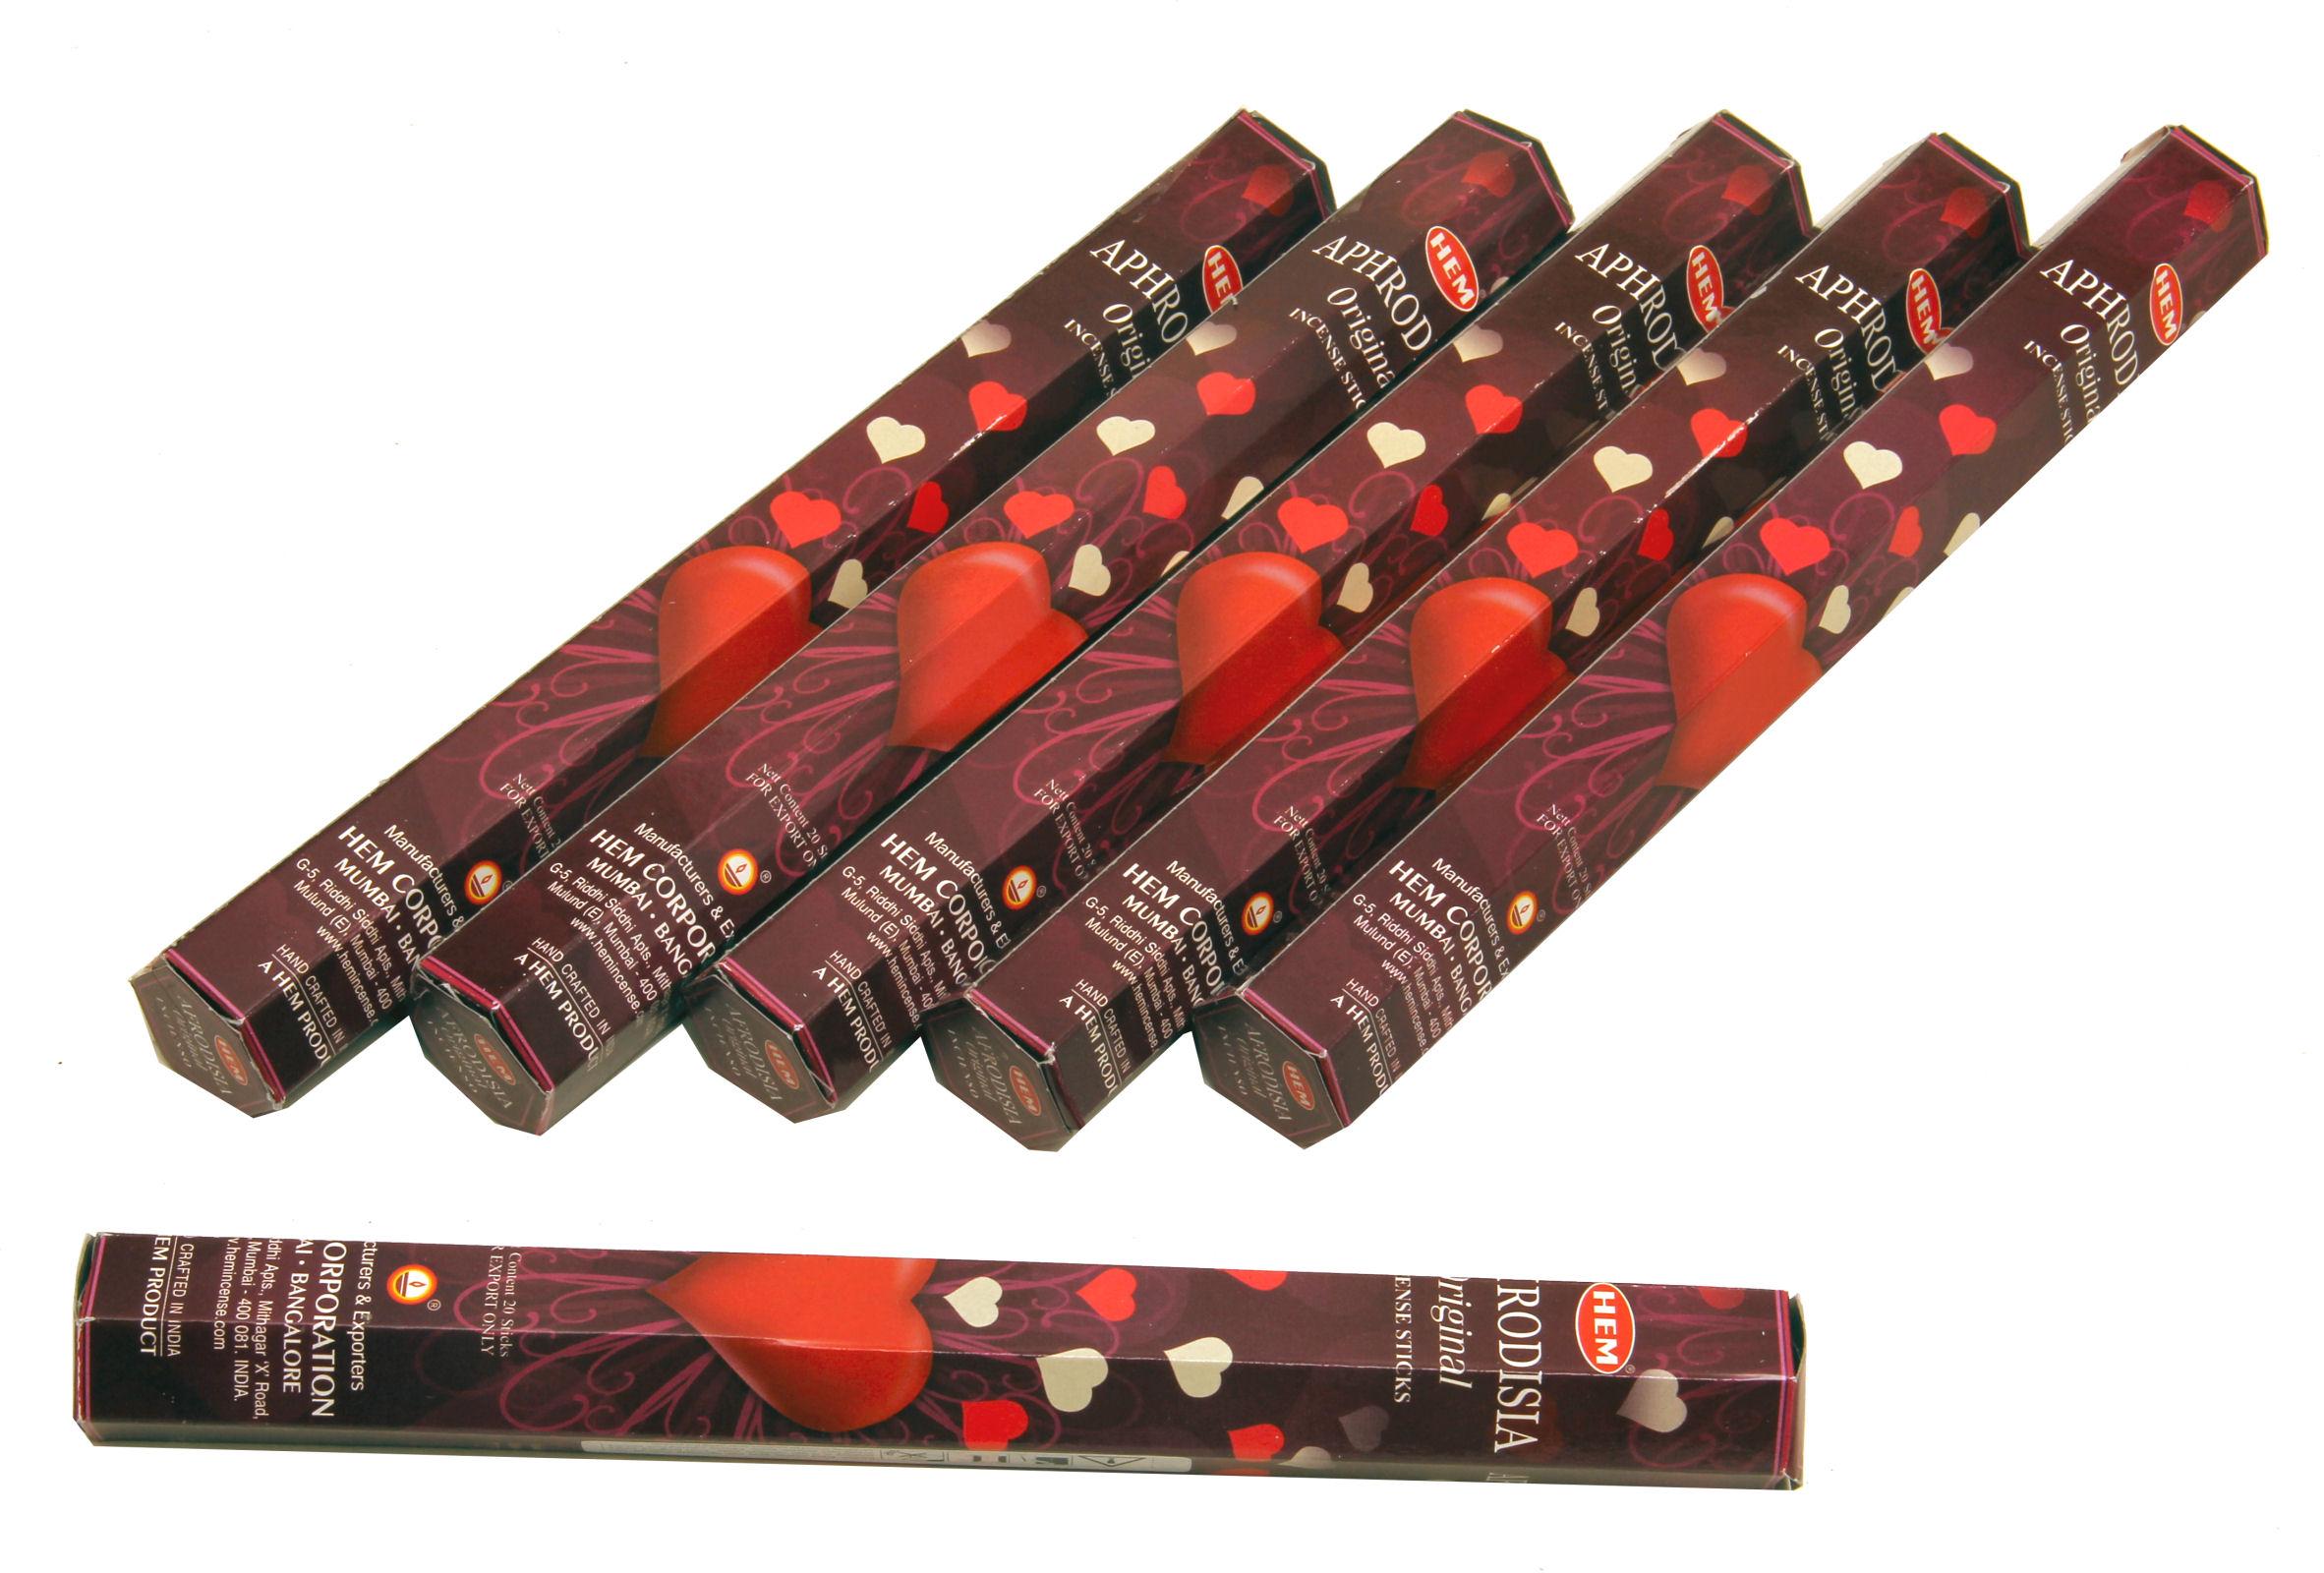 HEM Räucherstäbchen Sparset. 6 Packungen ca. 120 Sticks Aphrodisia